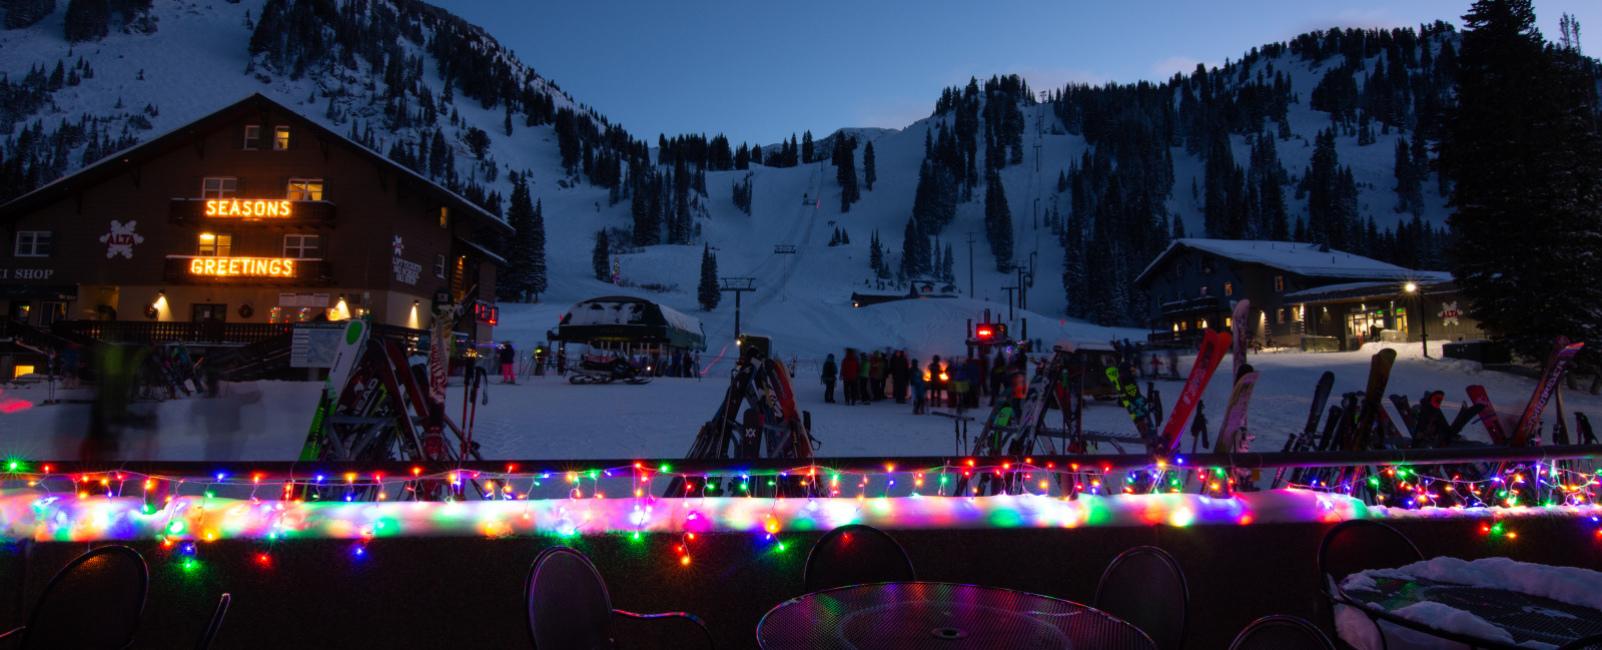 Top Holiday Events at Utah's Ski Resorts